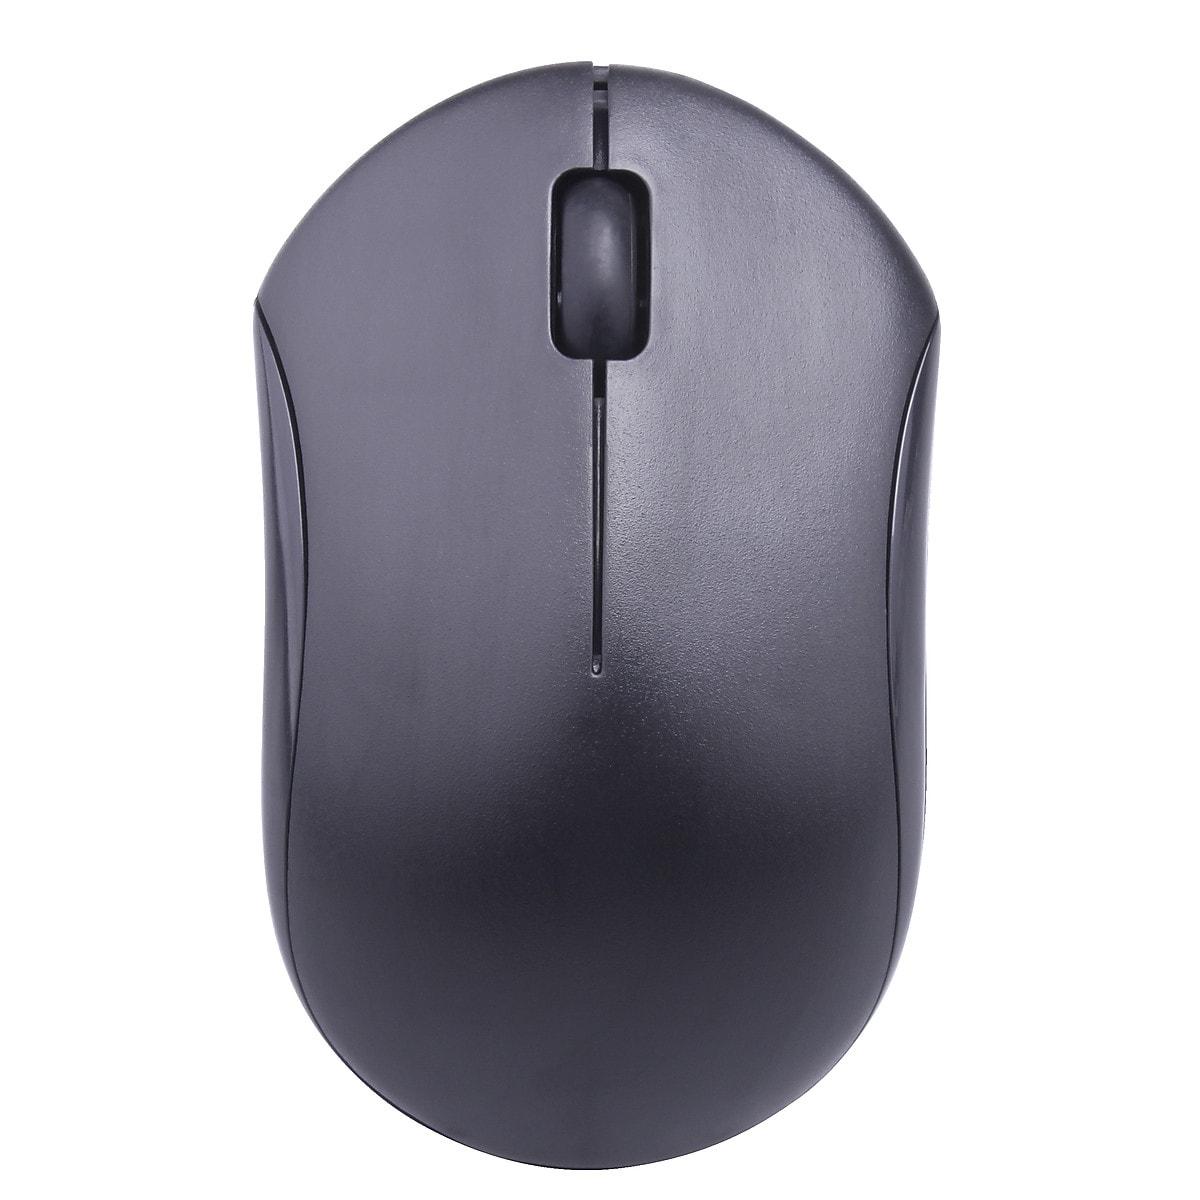 Trådlöst tangentbord och mus